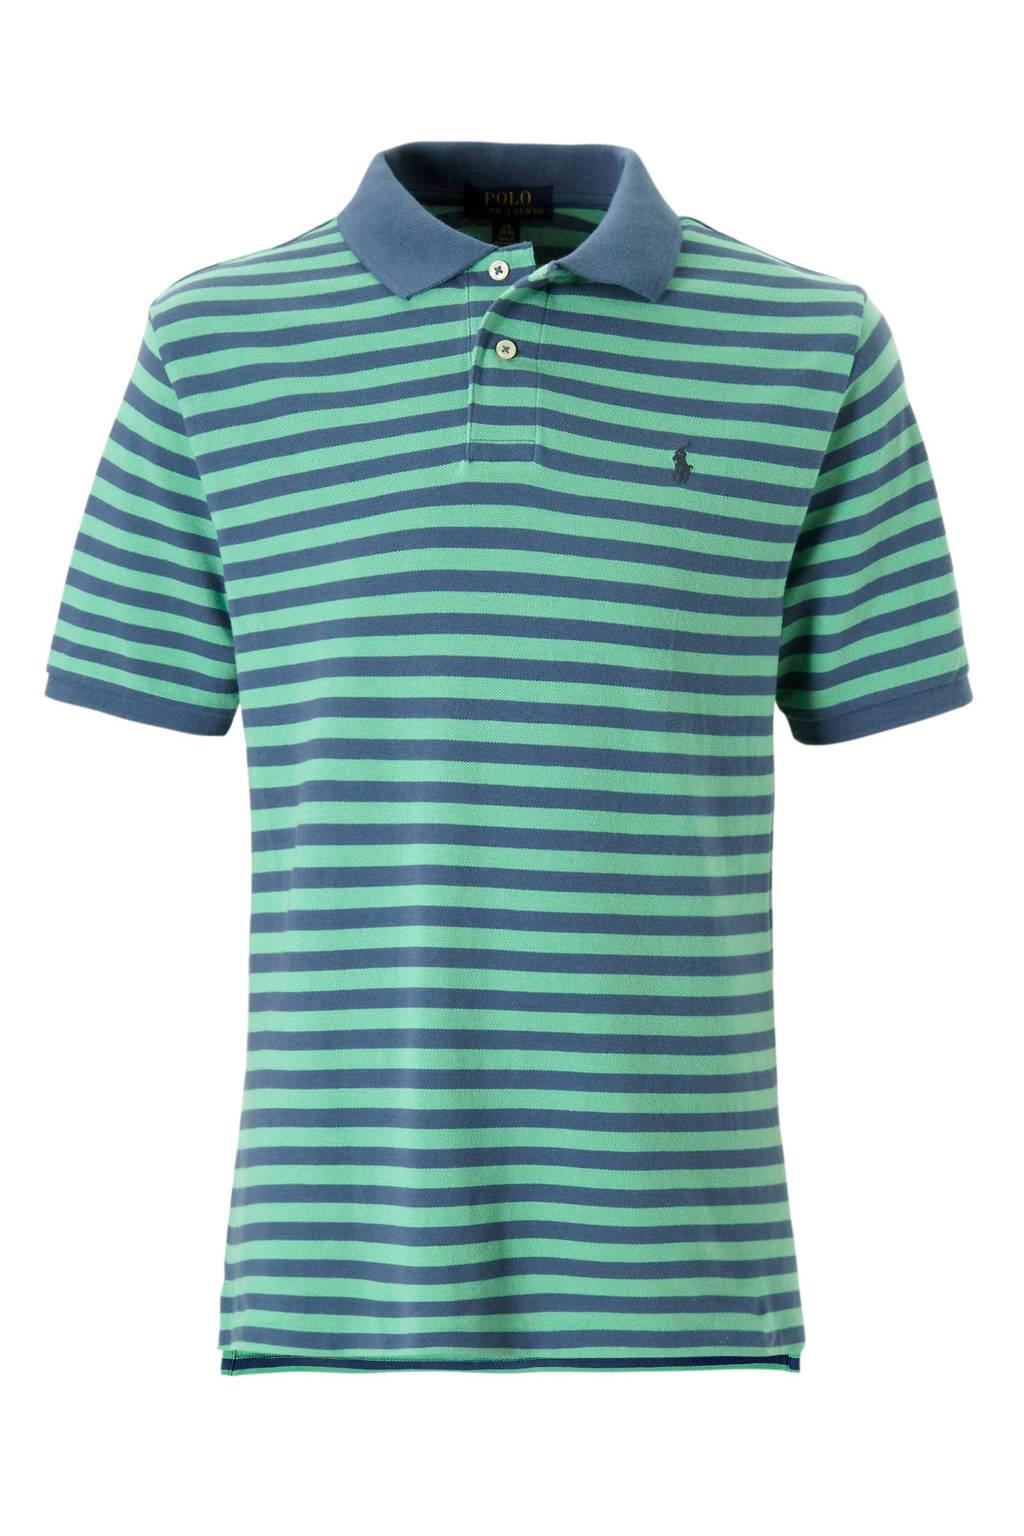 POLO Ralph Lauren gestreepte polo groen/blauw, Groen/blauw